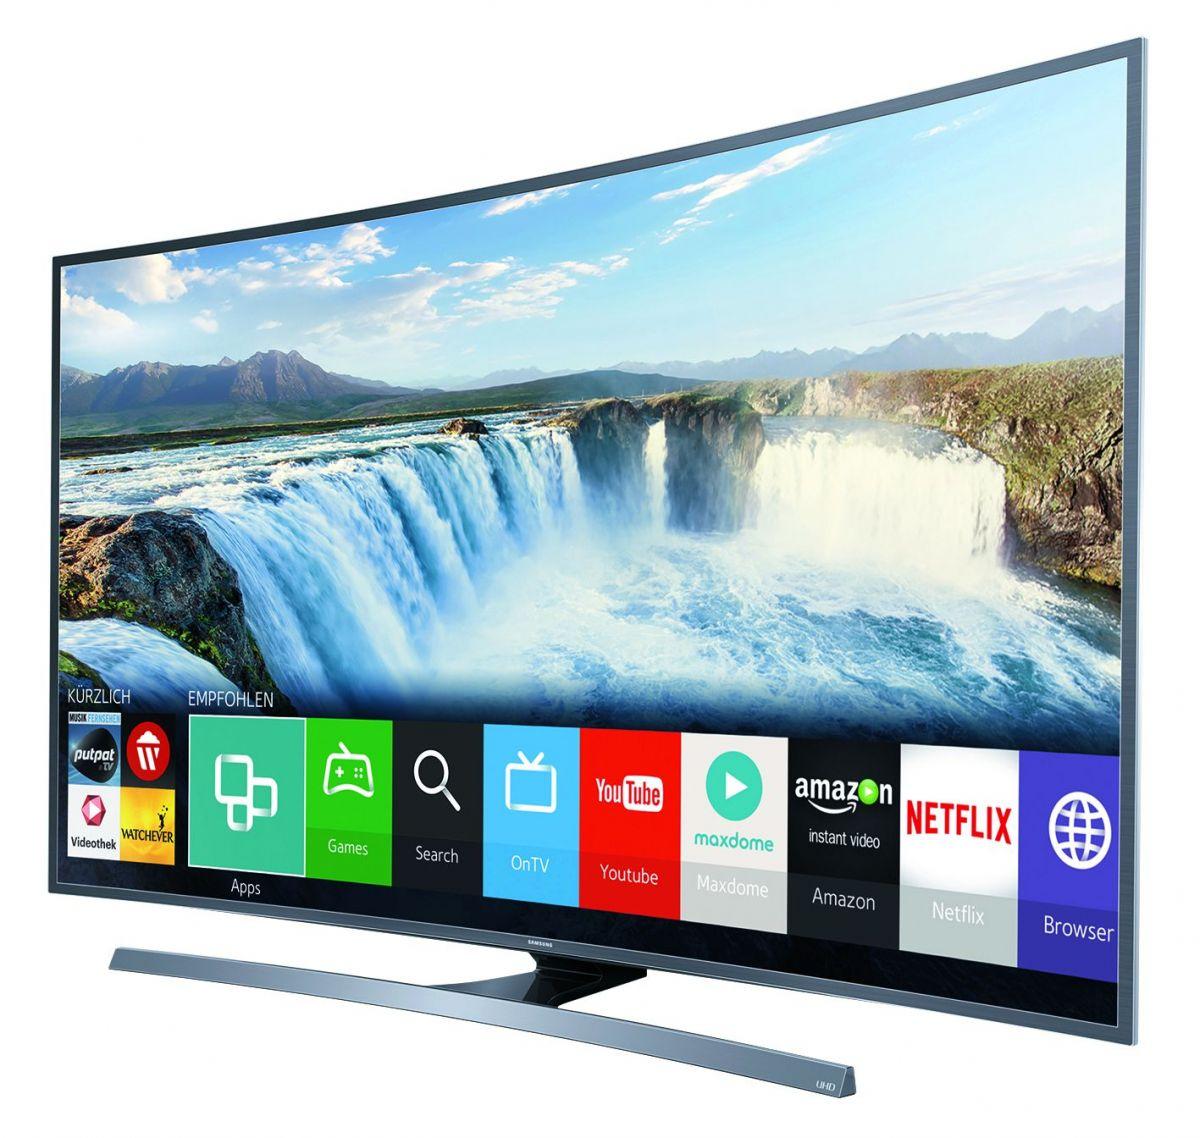 Что такое смарт-тв в телевизоре, что дает и как работает технология